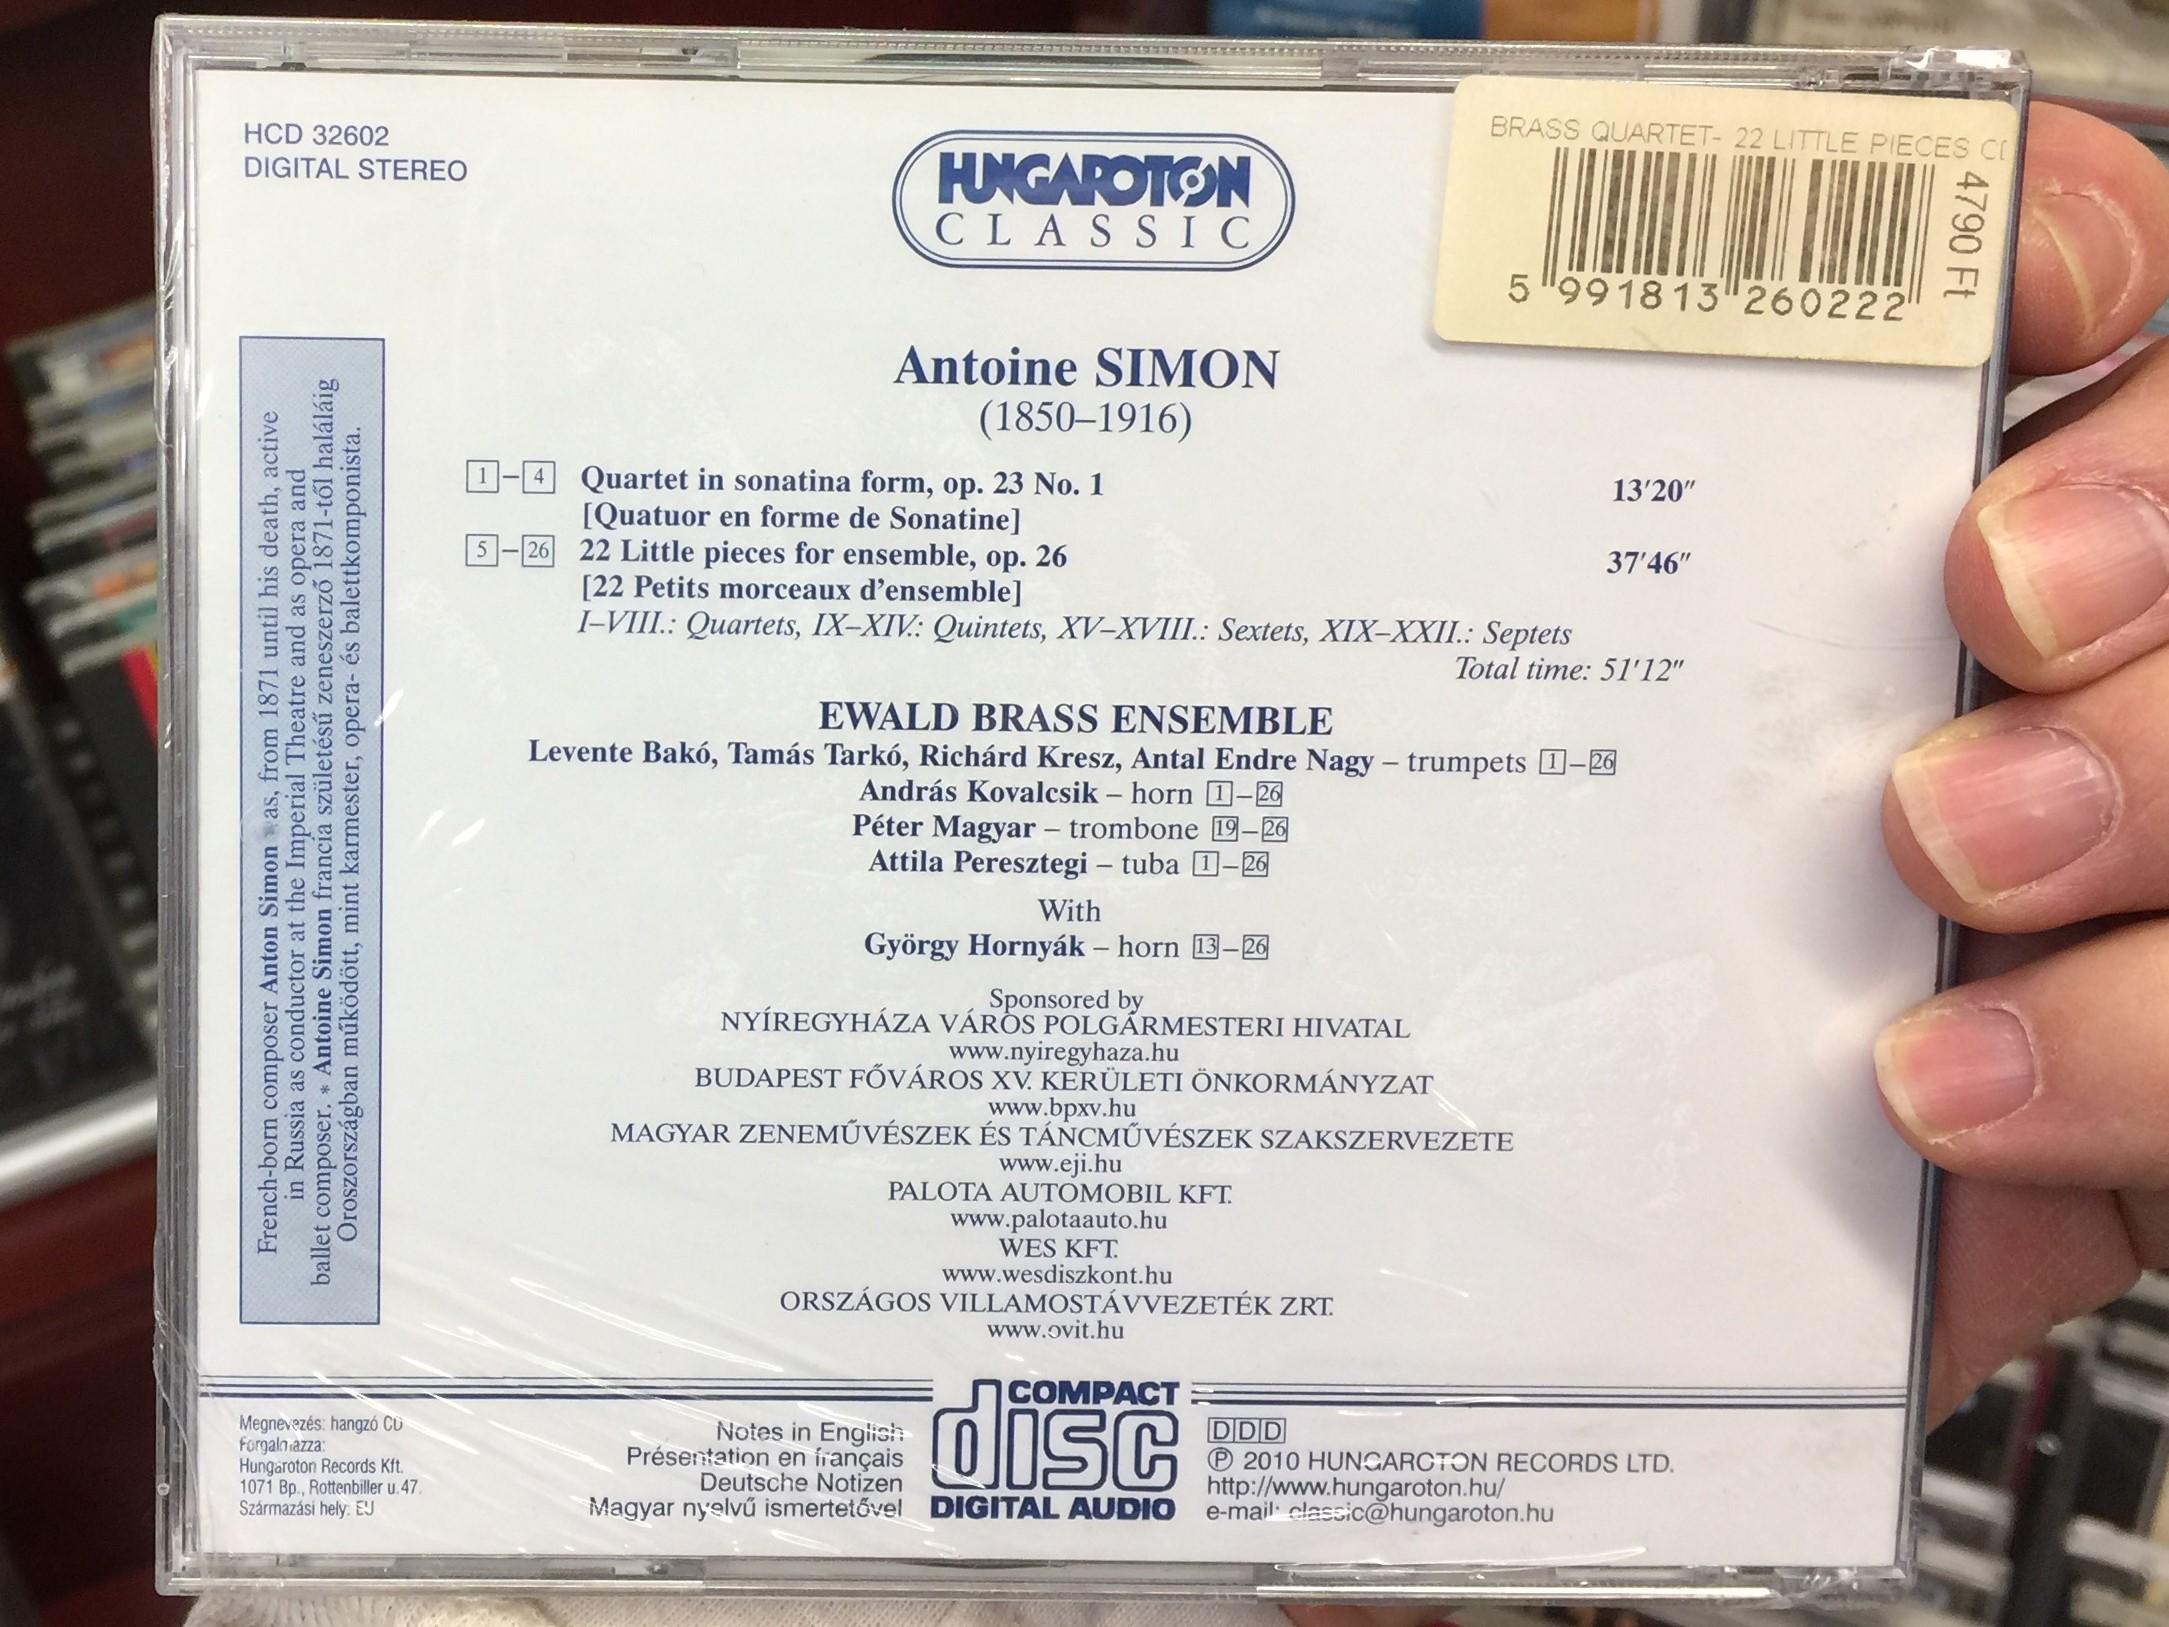 antoine-simon-quatuor-en-forme-de-sonatine-22-petits-morceaux-d-ensemble-ewald-brass-ensemble-hungaroton-classic-audio-cd-2010-stereo-hcd-32602-2-.jpg